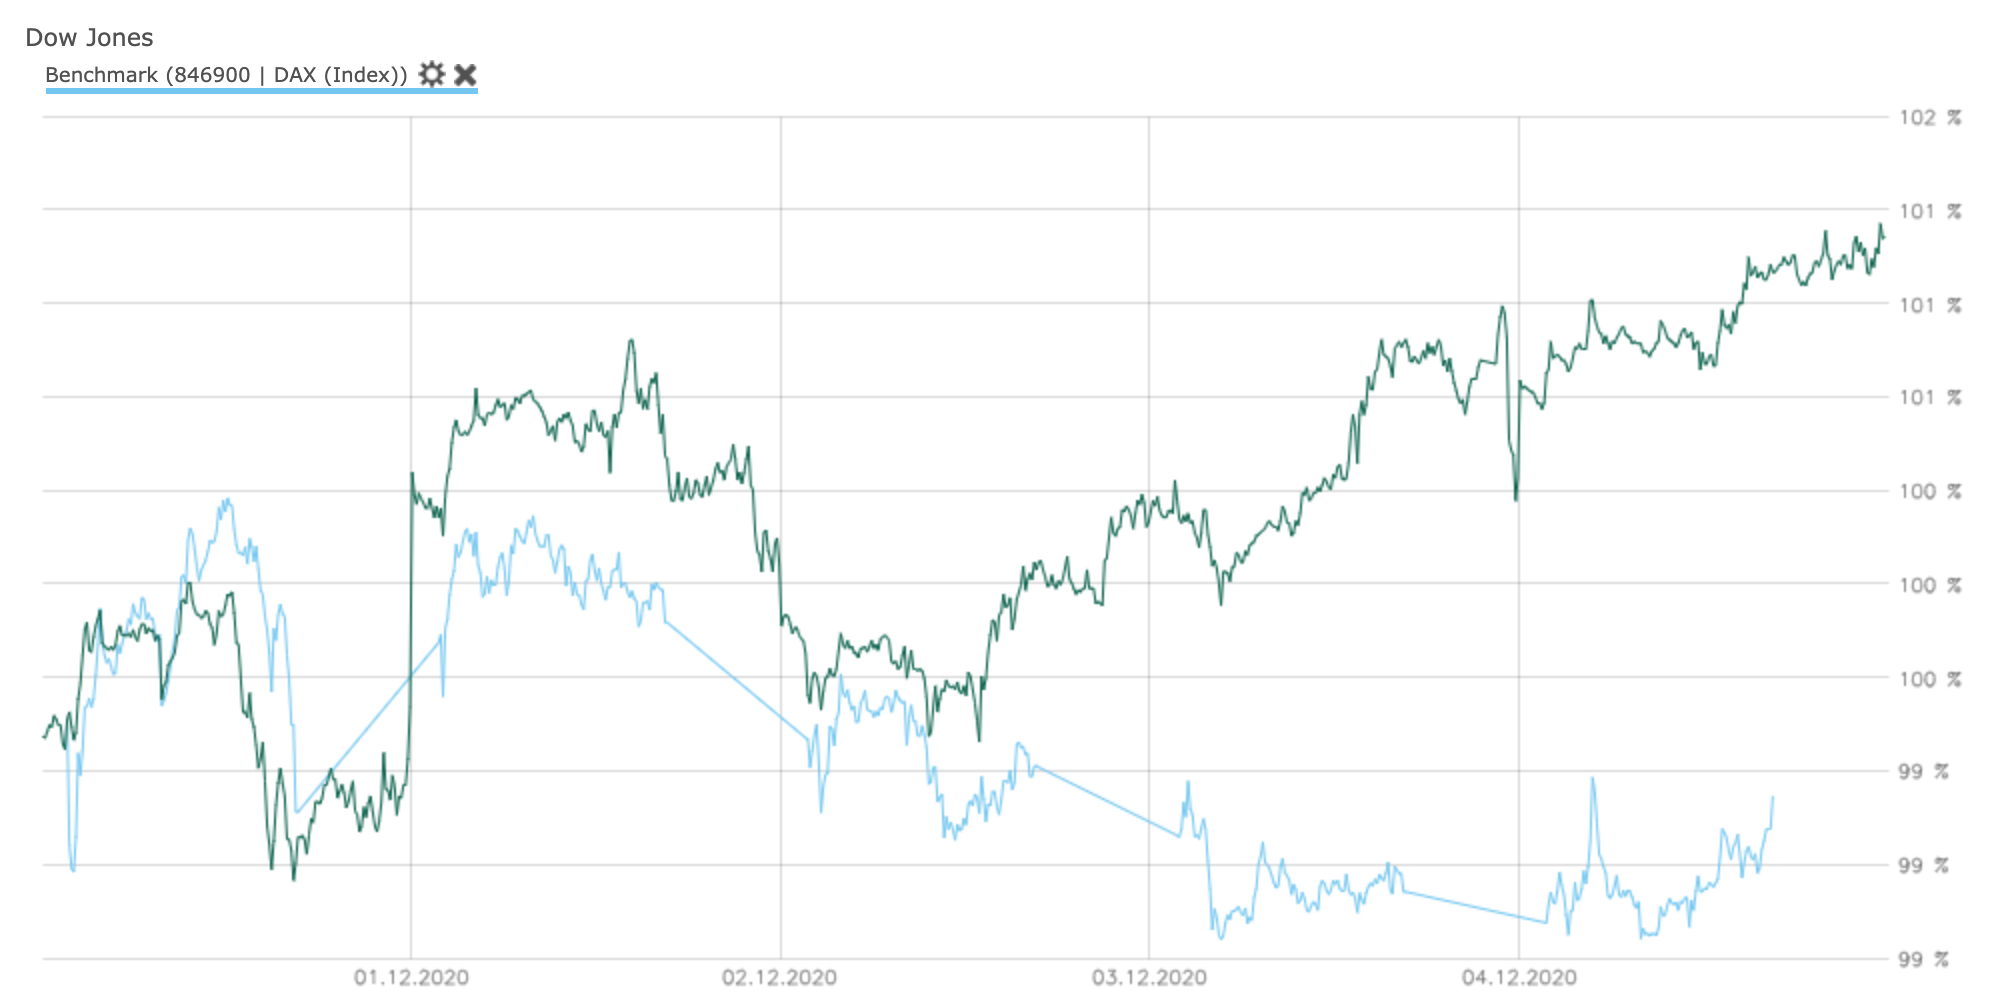 Direkter Vergleich von DAX und Dow